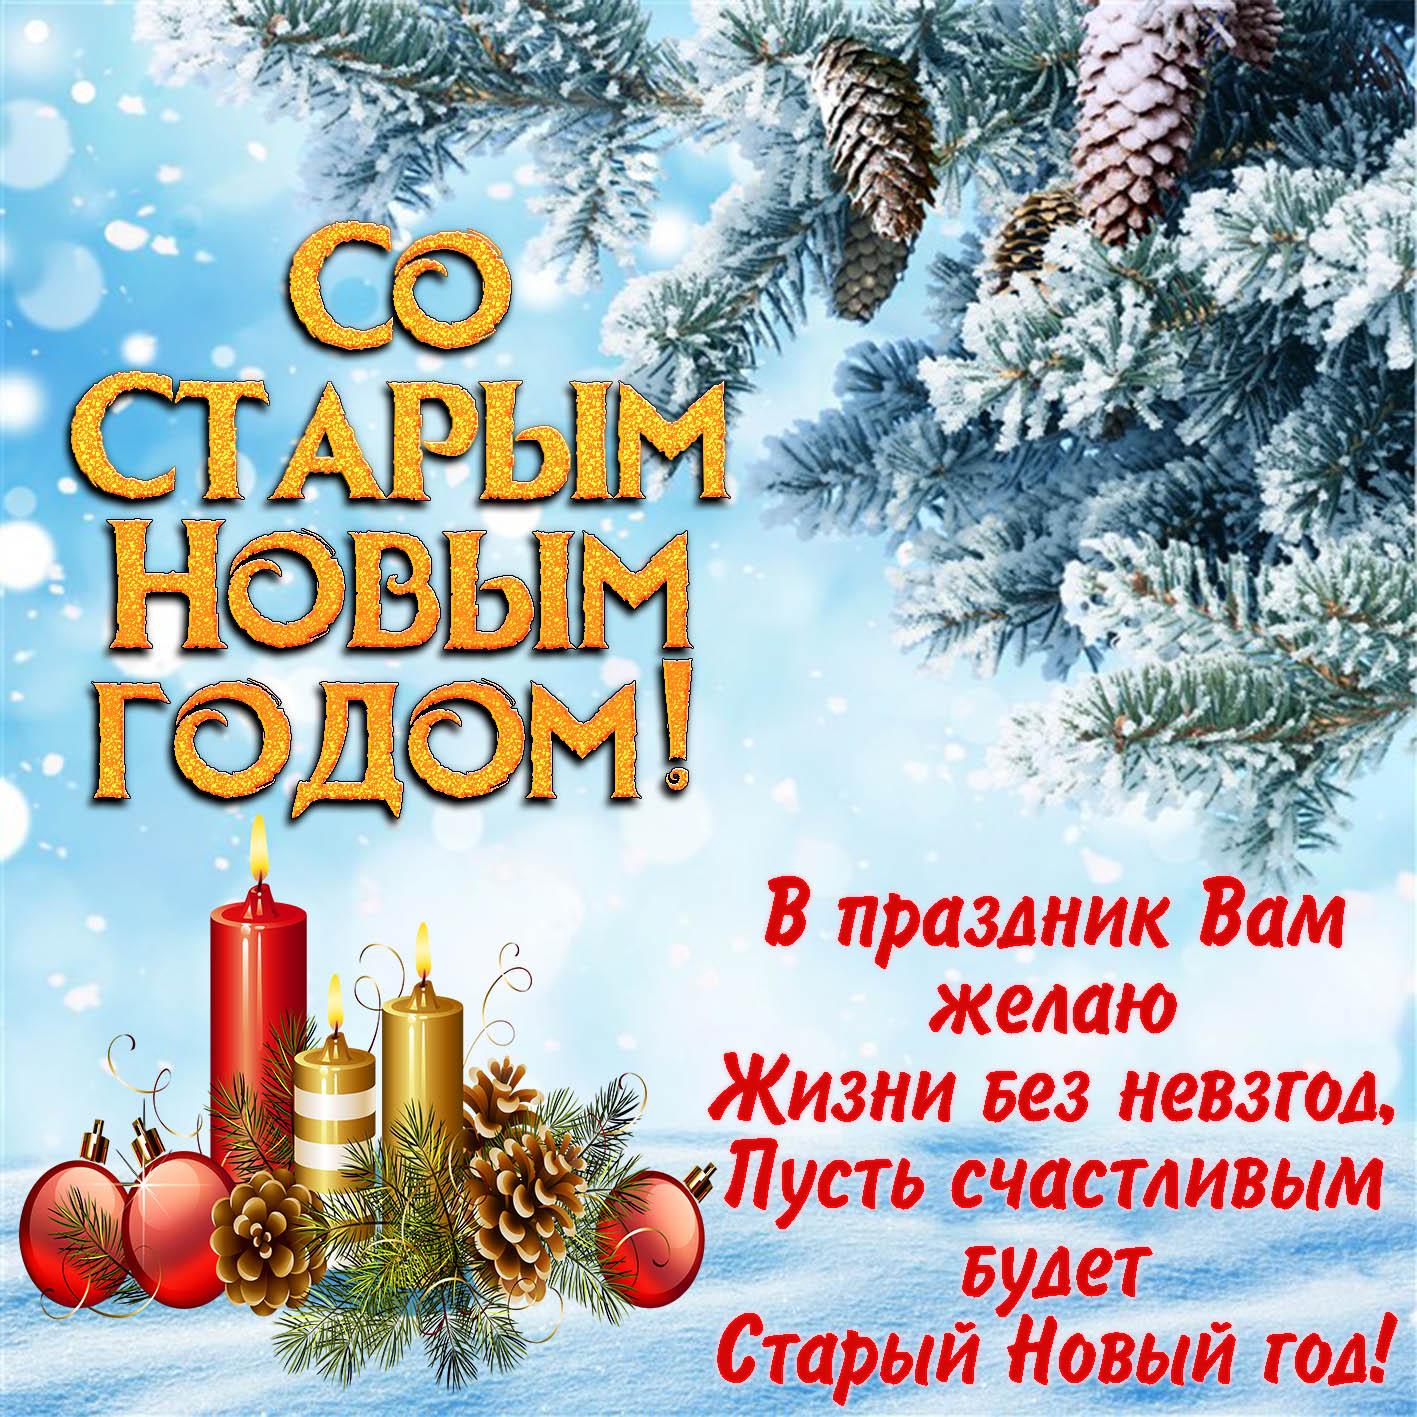 Открытка - пожелание на Старый Новый год на фоне ёлки